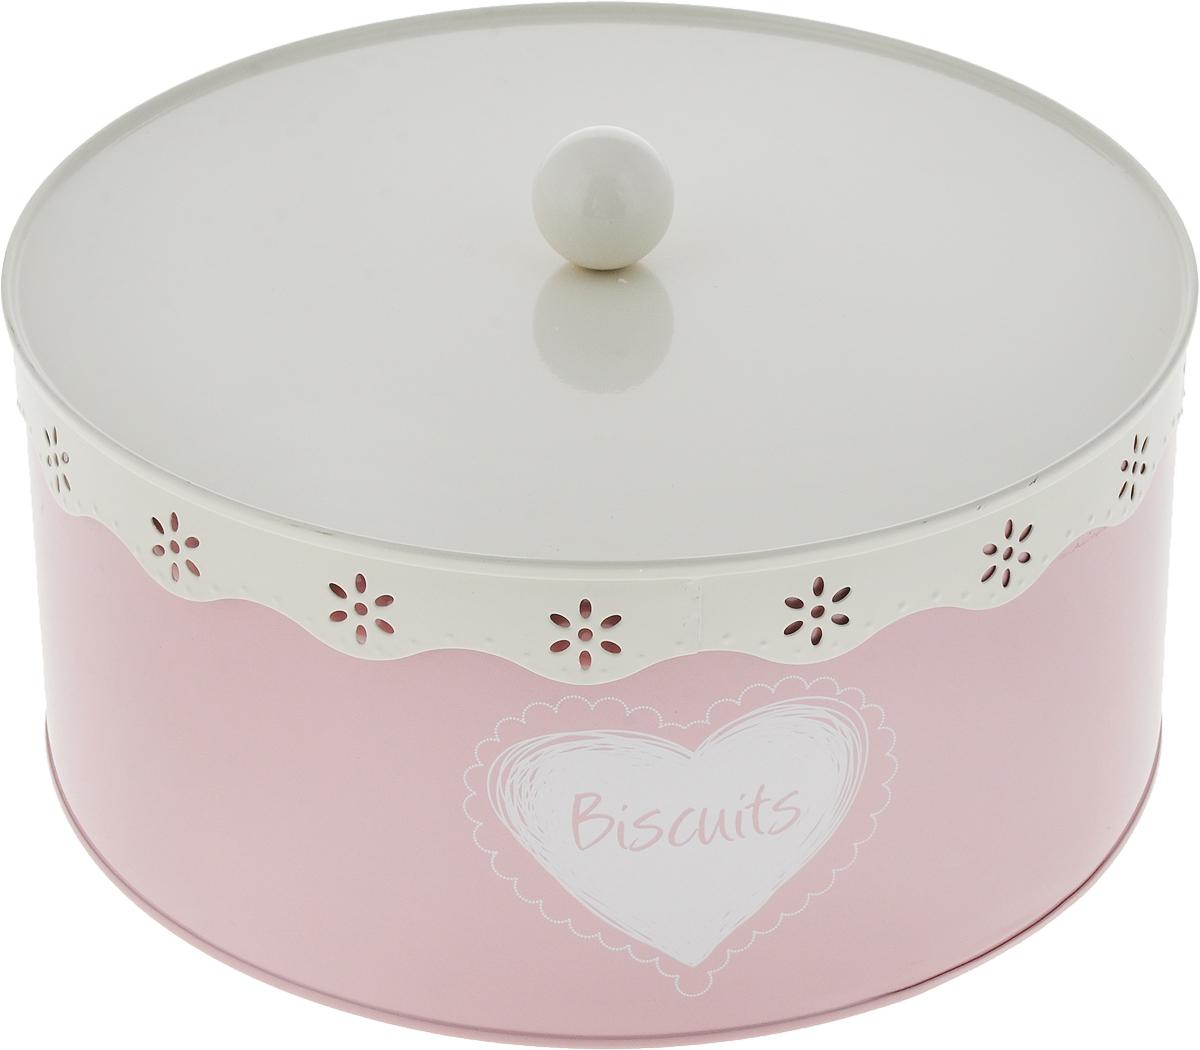 Банка для продуктов Zeller, с крышкой, цвет: молочный, бледно-розовый, диаметр 25 см19304_розовыйБанка для продуктов Zeller, выполненная из металла, позволит красиво и аккуратно хранитьпродукты на кухне. Банка имеет круглую форму, снабжена удобной крышкой с силиконовымуплотнителем. В такой банке удобно хранить различные печенья, конфеты, пирожные,сухофрукты, орехи и многое другое. Изделие защитит содержимое от проникновения влаги, пыли,насекомых. В такой банке ваши продукты дольше останутся свежими и вкусными.Банки для хранения продуктов - это не только полезно, но и красиво. Банка для продуктов Zellerстильно дополнит интерьер и станет полезным и практичным приобретением для вашей кухни. Диаметр дна банки: 25 см. Высота банки без учета крышки 11 см.